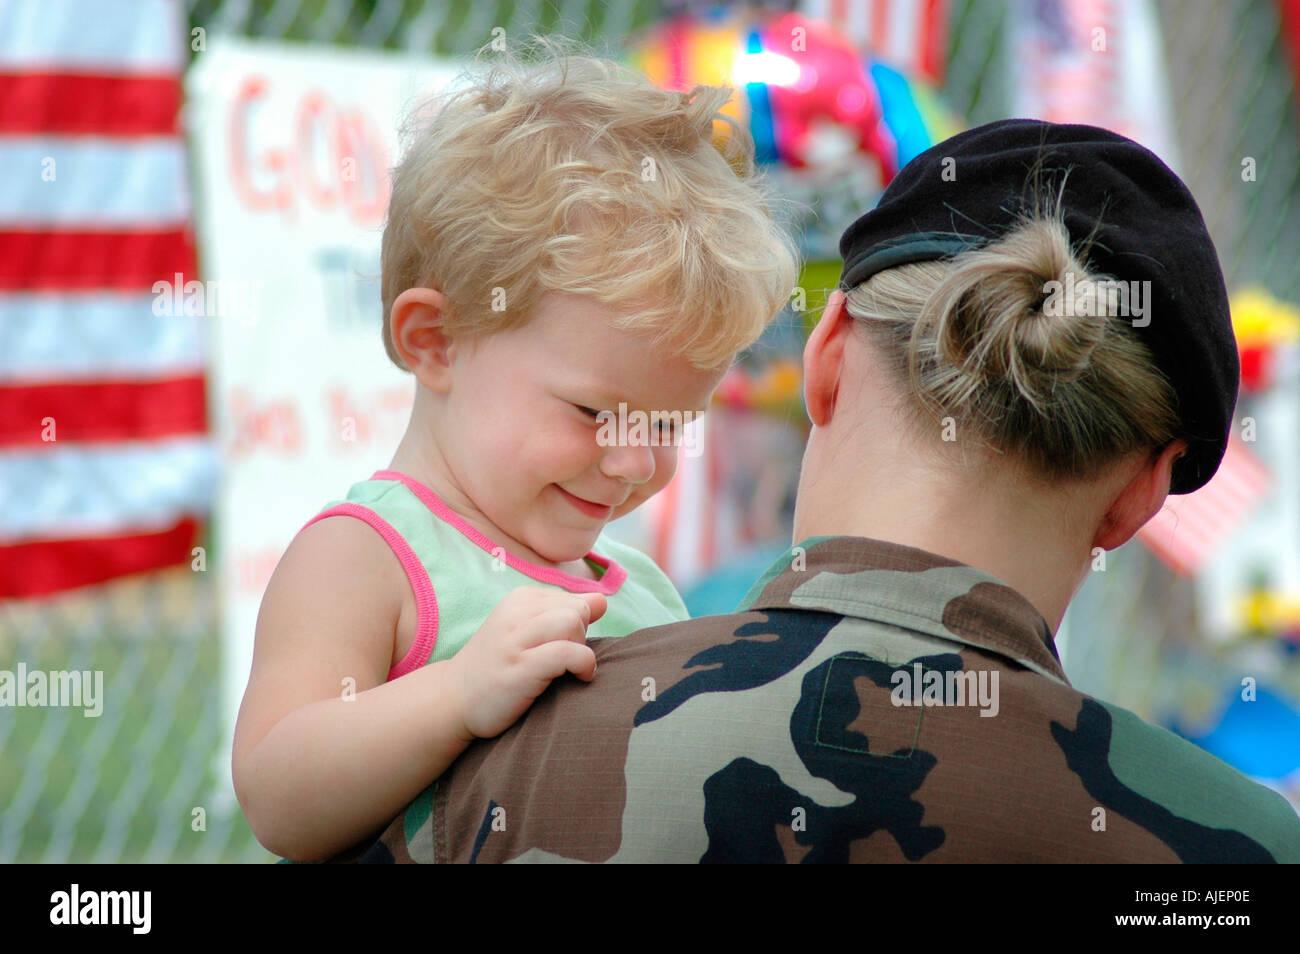 Femme Soldat à l'emplacement de mémoire de 14 Marines morts dans Brook Park dans l'Ohio avec un bébé sur le point d'aller en Irak Maman Maman Maman Banque D'Images